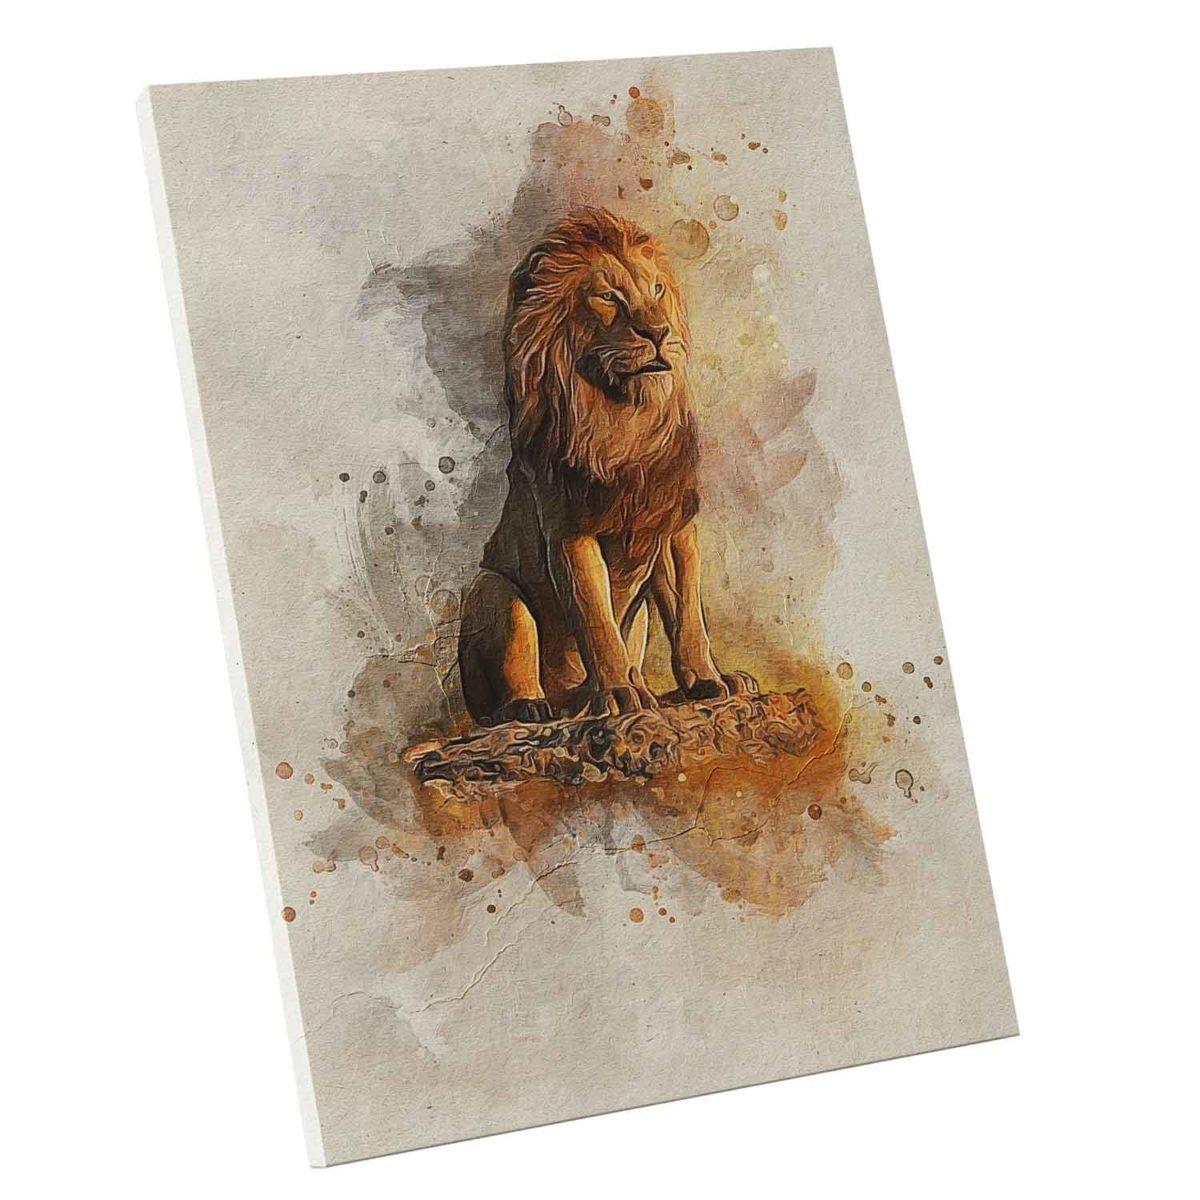 Quadro O Rei Leão no Mármore